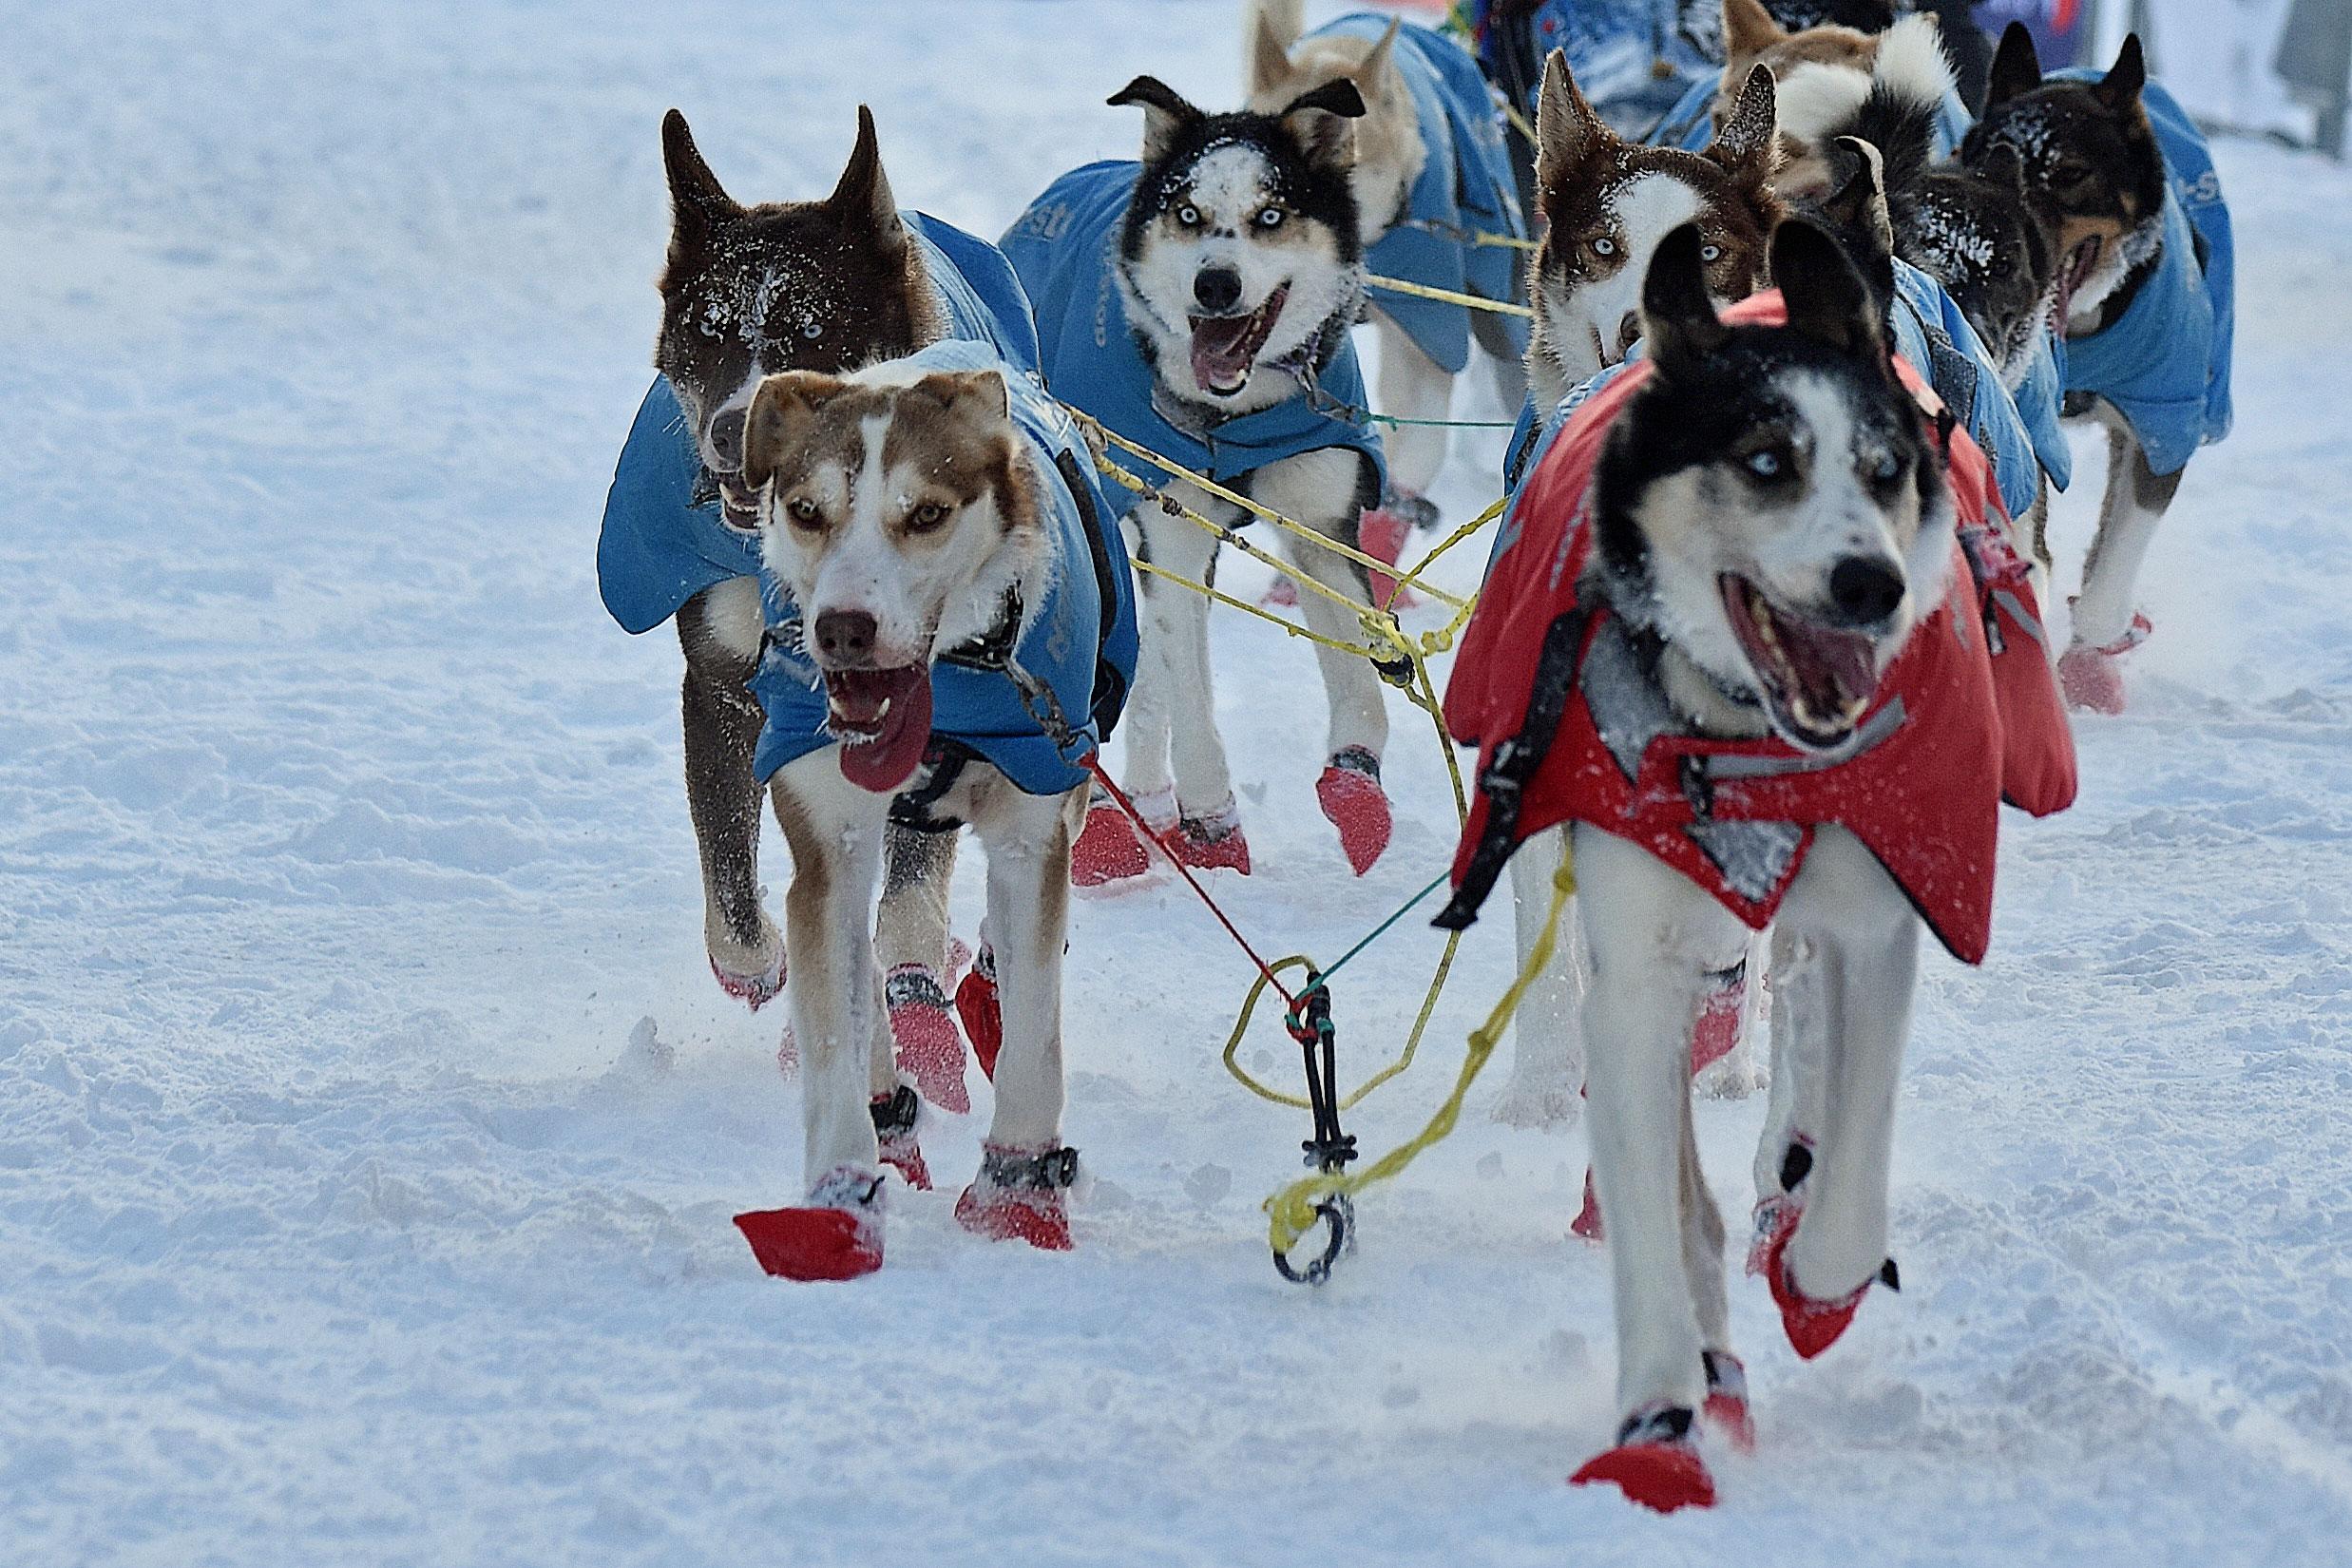 Europe's longest dogsled race traverses Finnmark | The